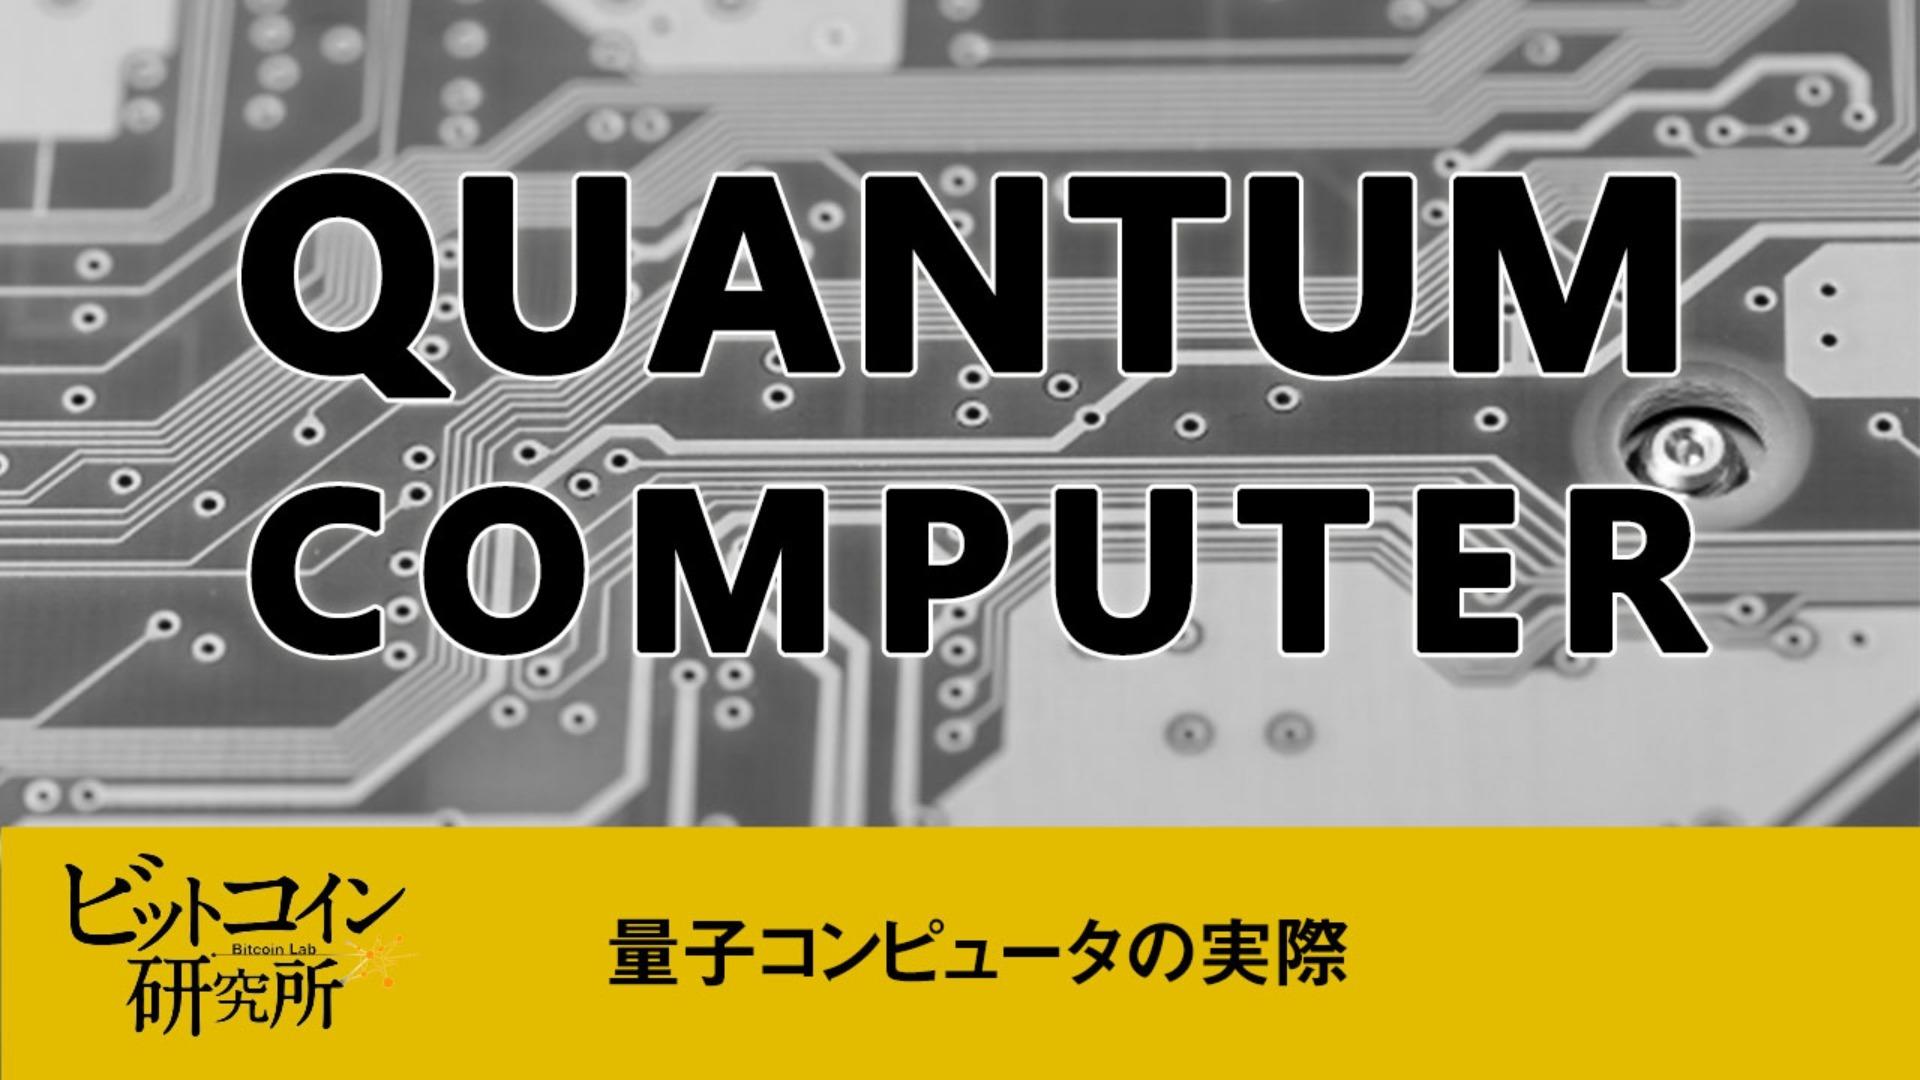 【レポート No.144】量子コンピュータの実際